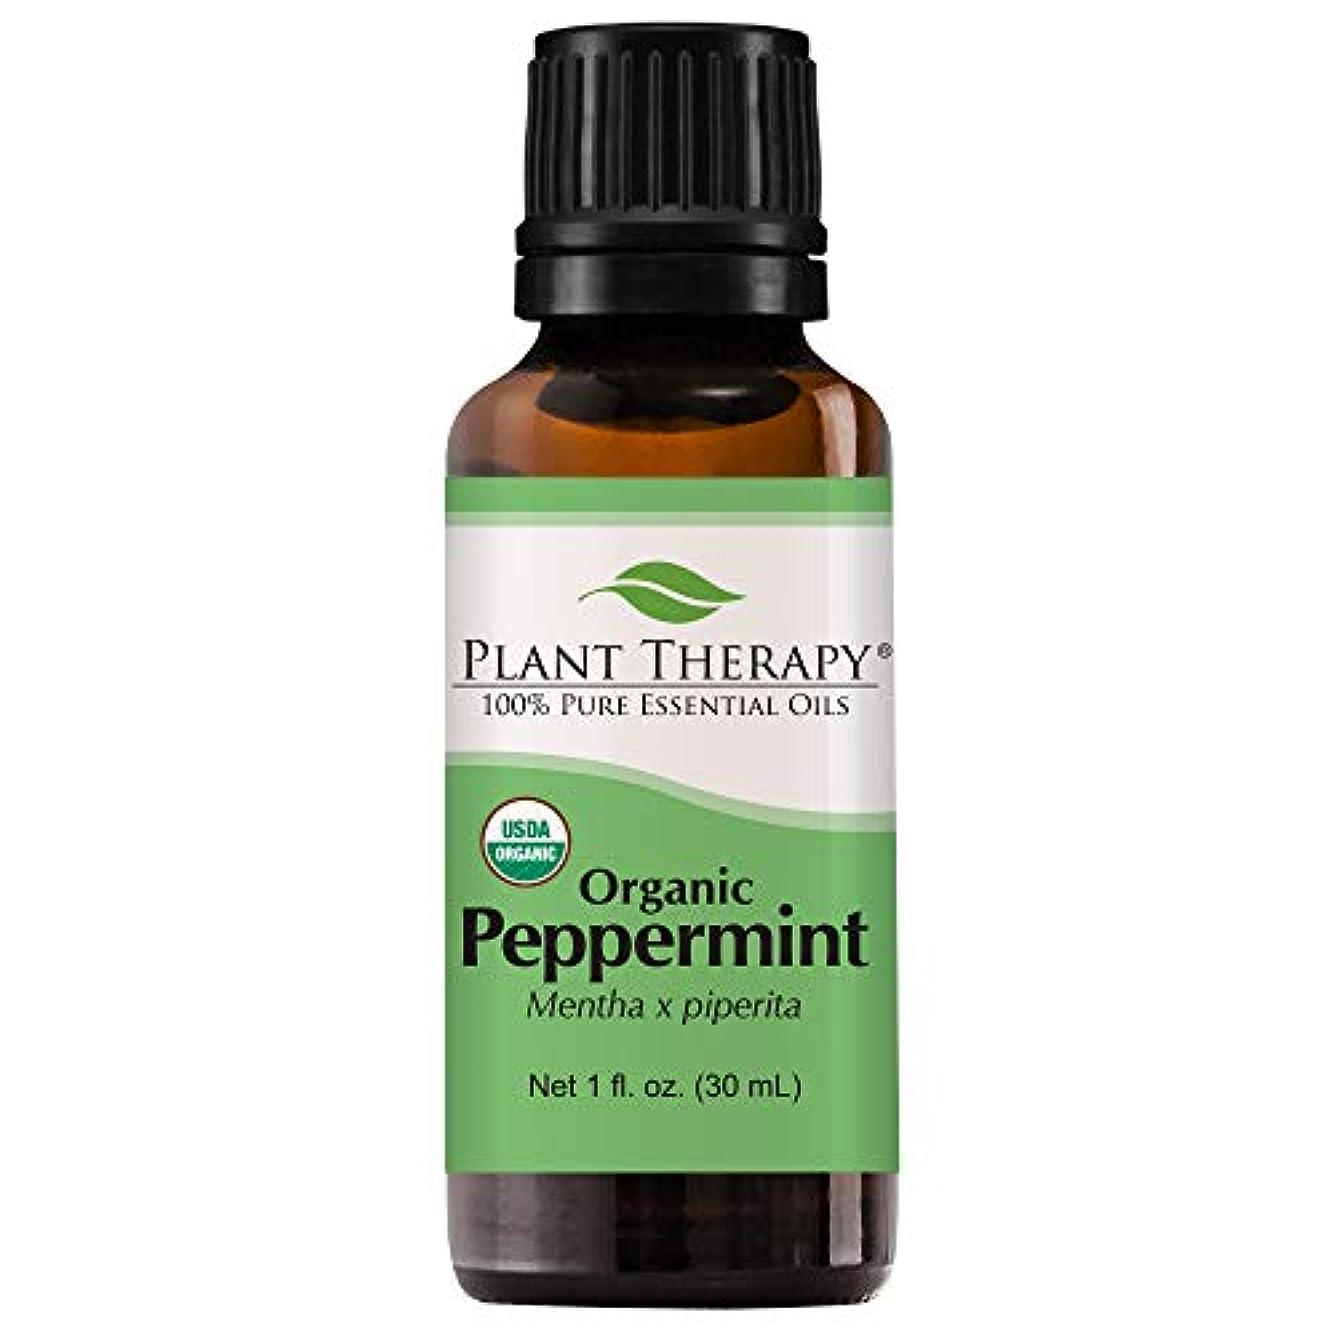 熱狂的な移動する花輪植物セラピーUSDA認定オーガニックペパーミントエッセンシャルオイル。 100%ピュア、希釈していない、治療グレード。 30mLの(1オンス)。